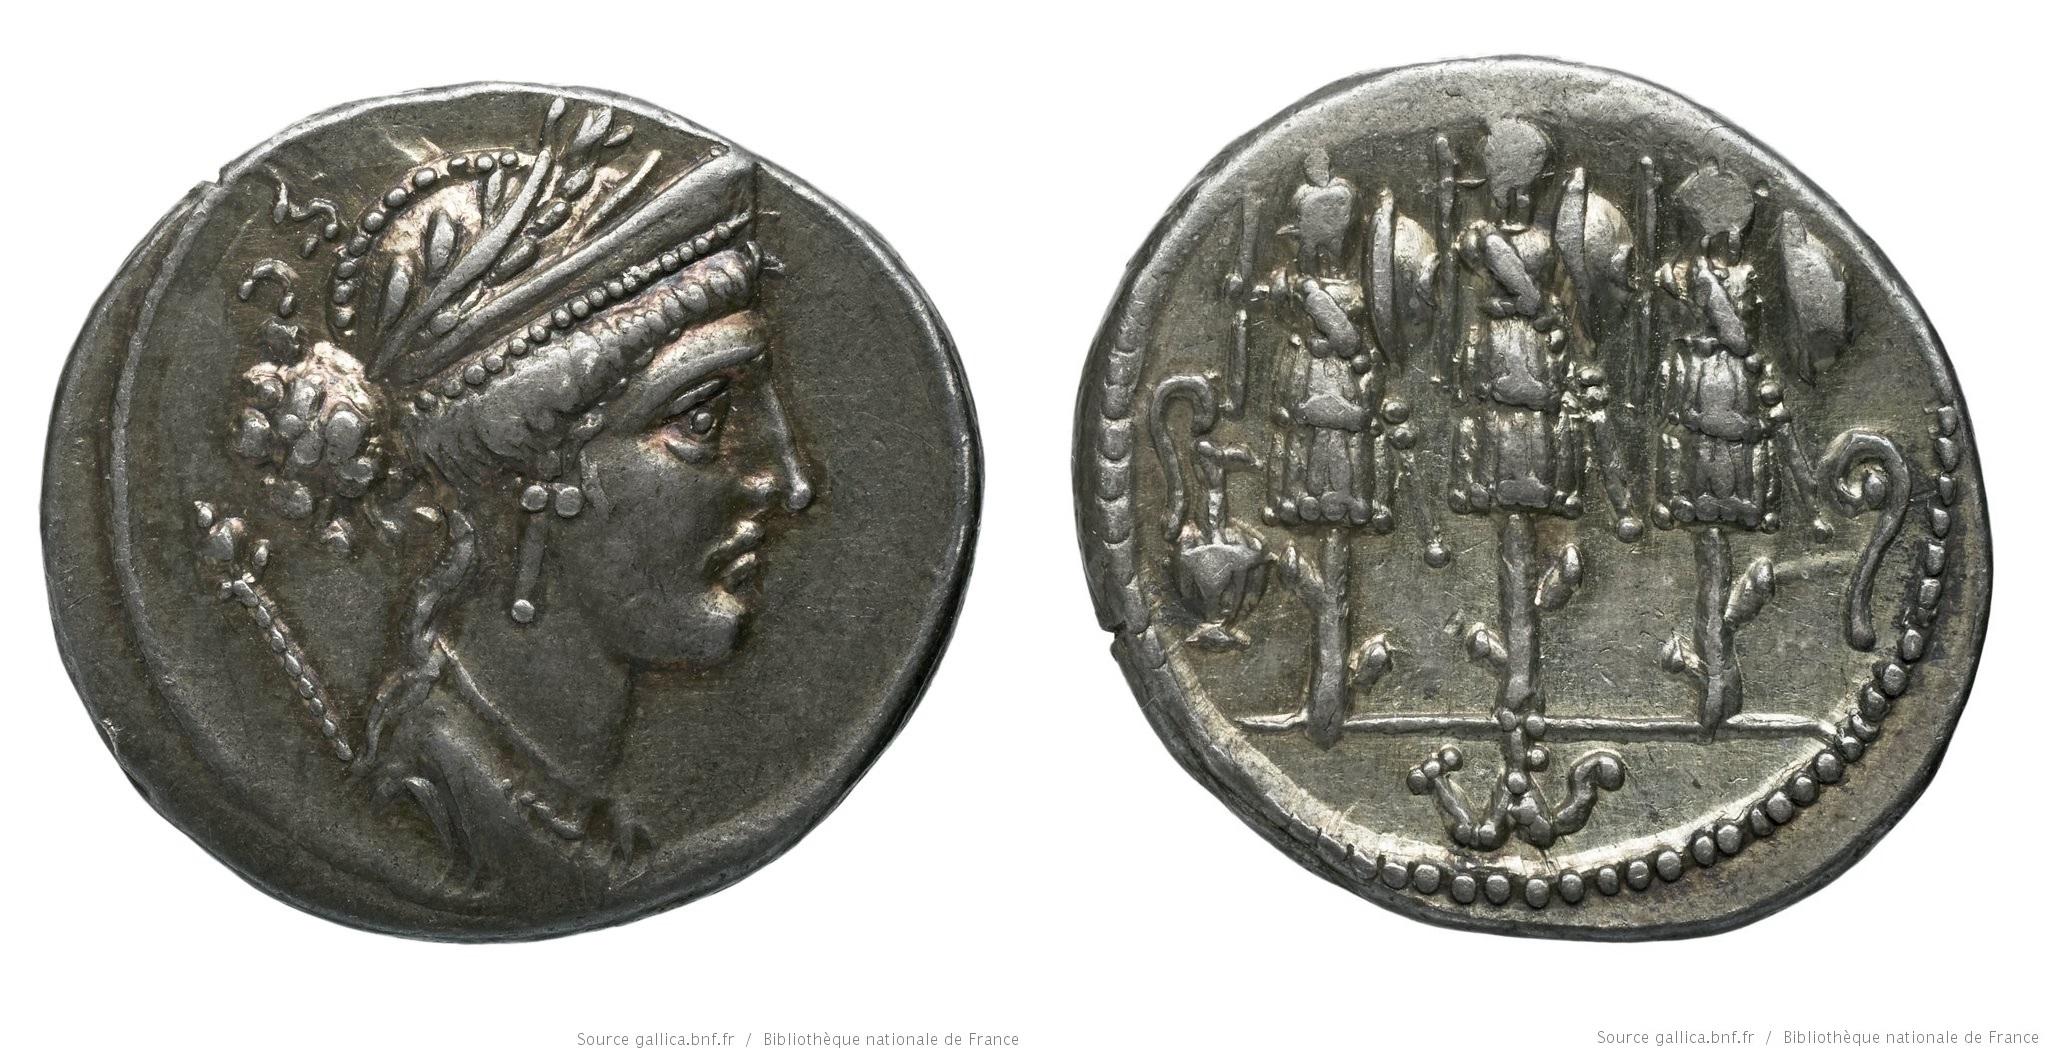 1397CO – Denier Cornelia – Faustus Cornelius Sylla